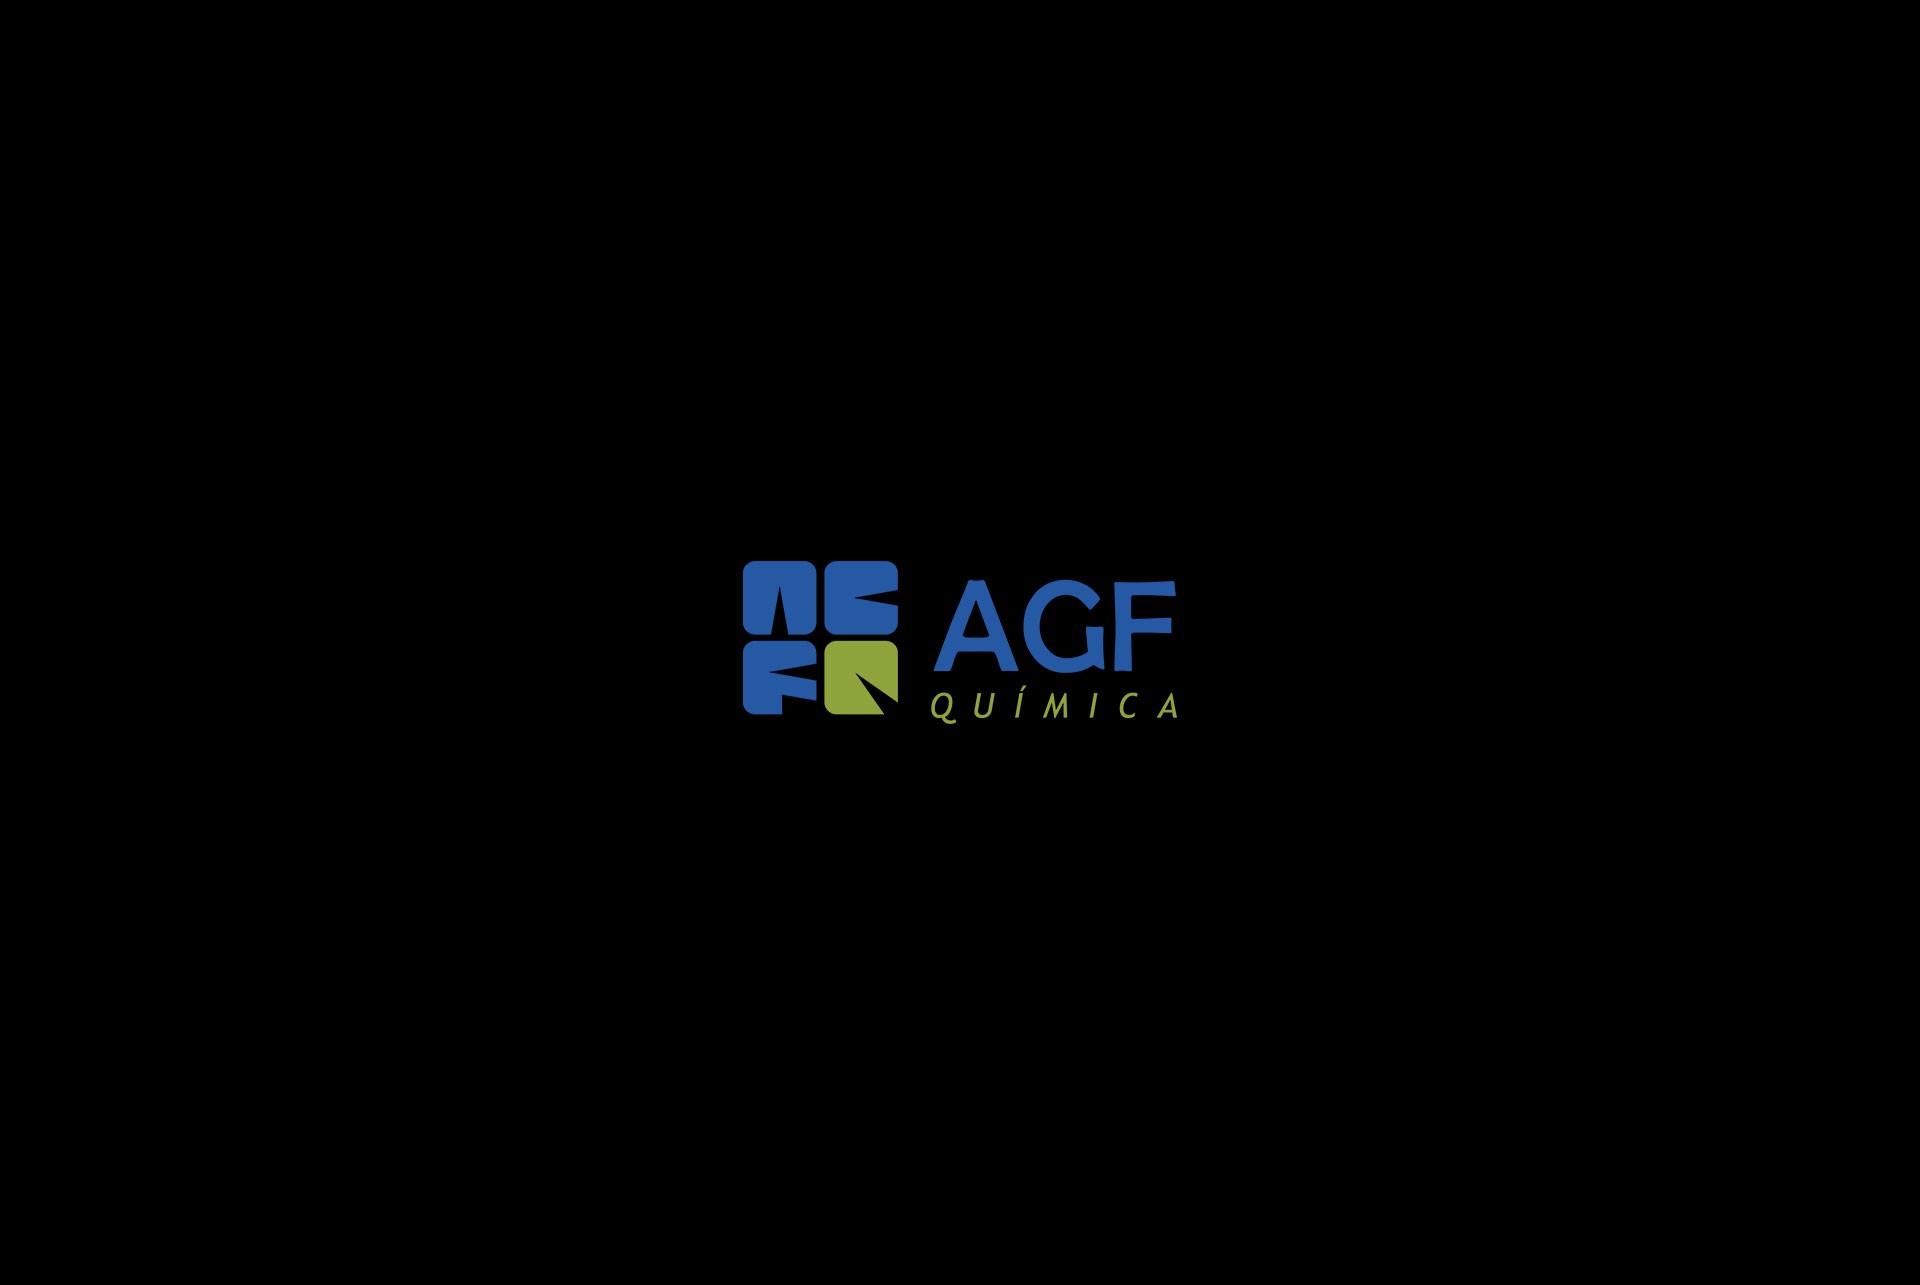 AGF Química